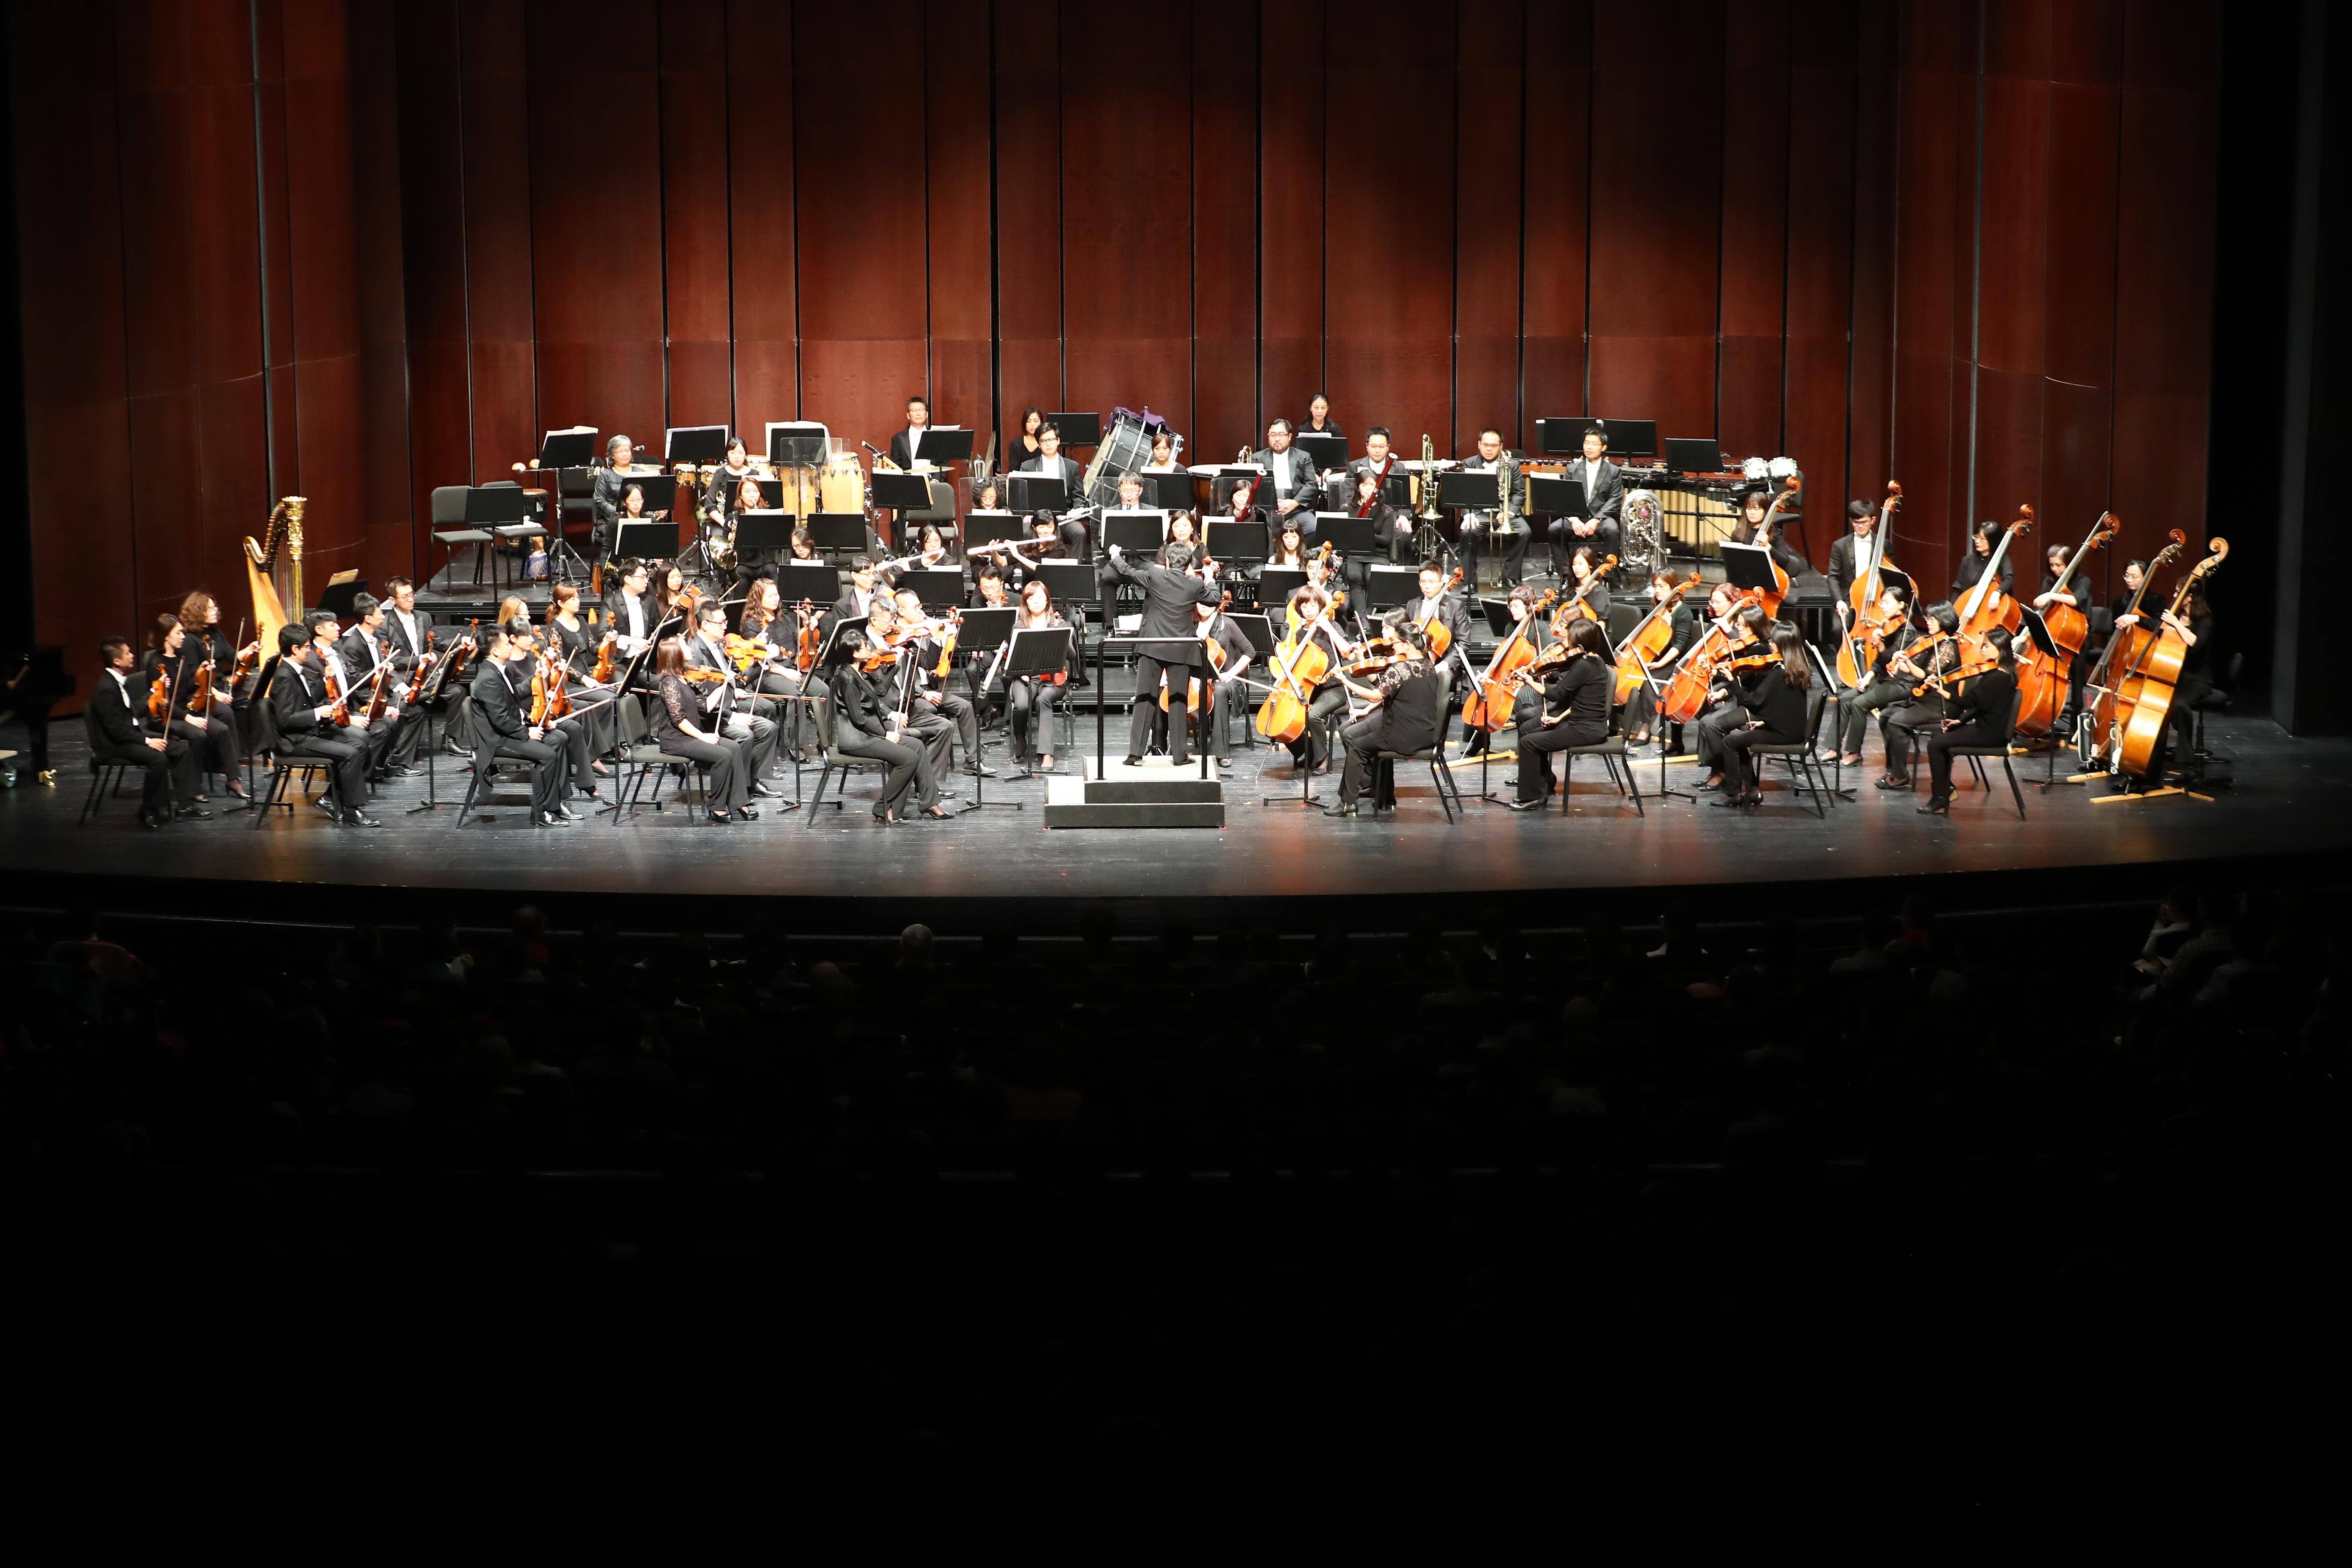 台中歌劇院新年音樂會 林市長盼成為台中新的傳統